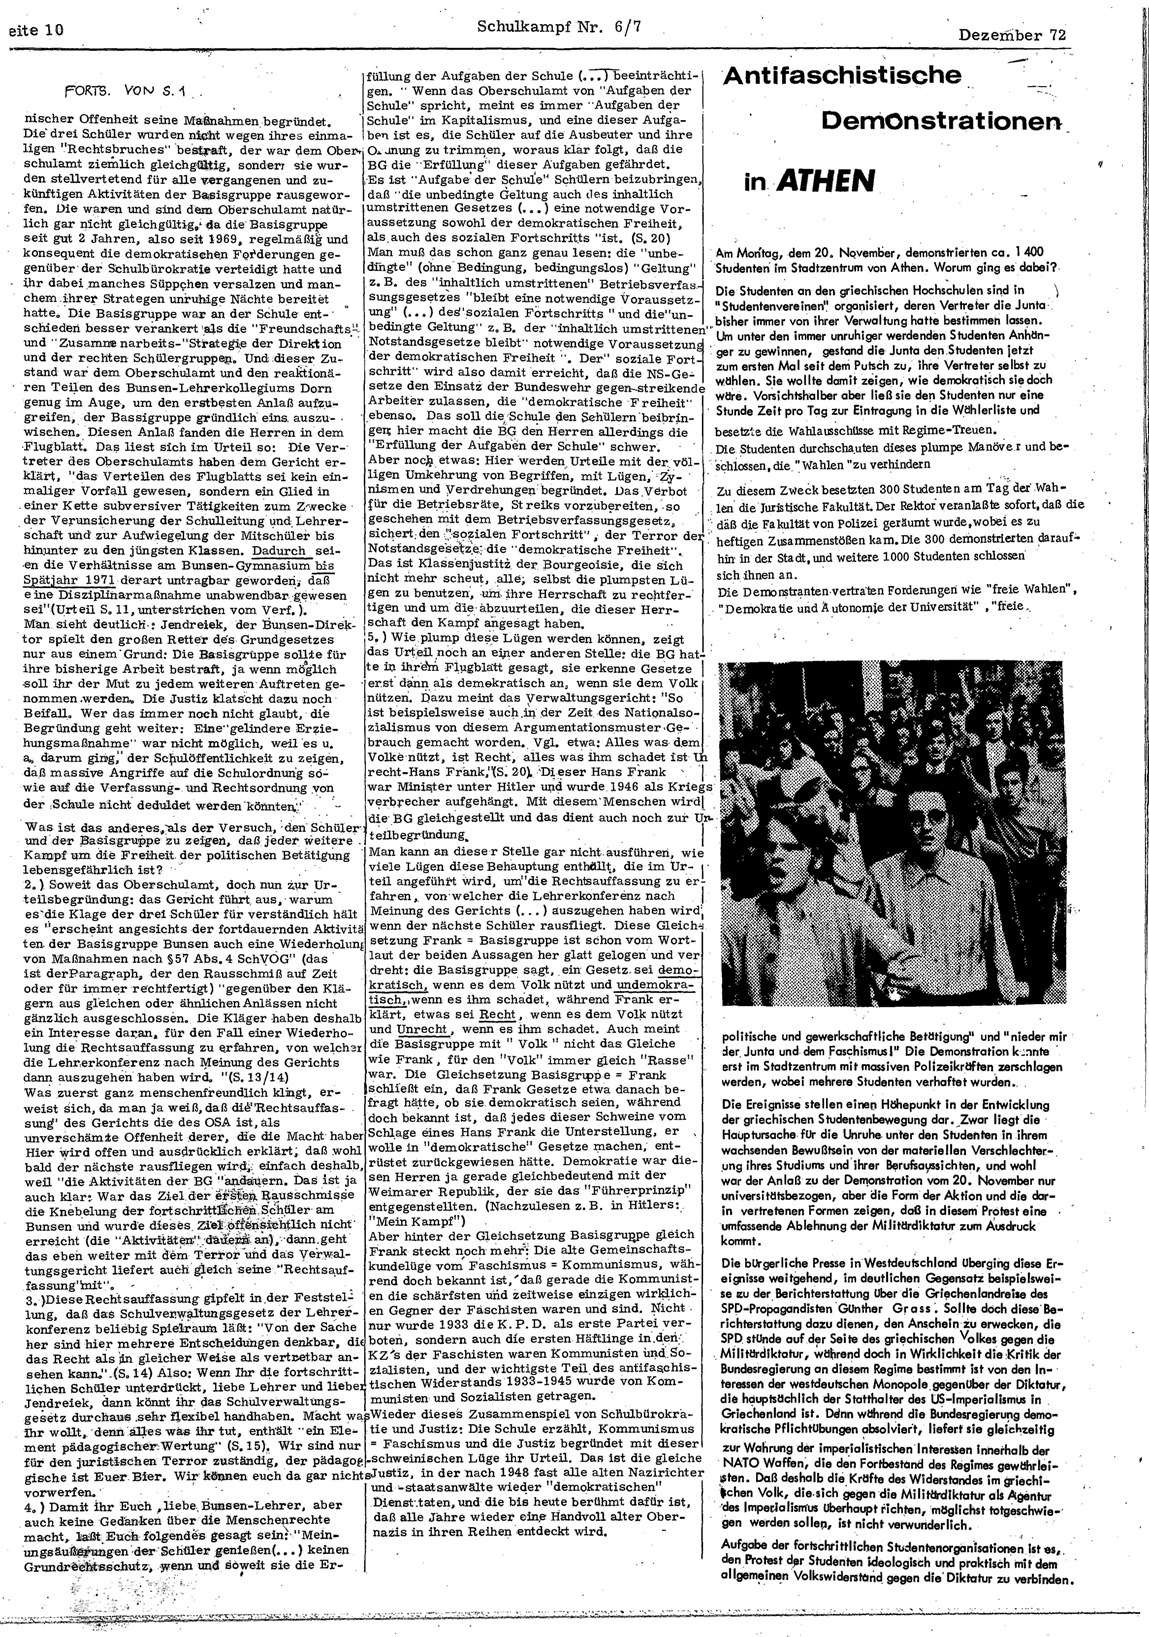 Schulkampf_HD_1972_06_10